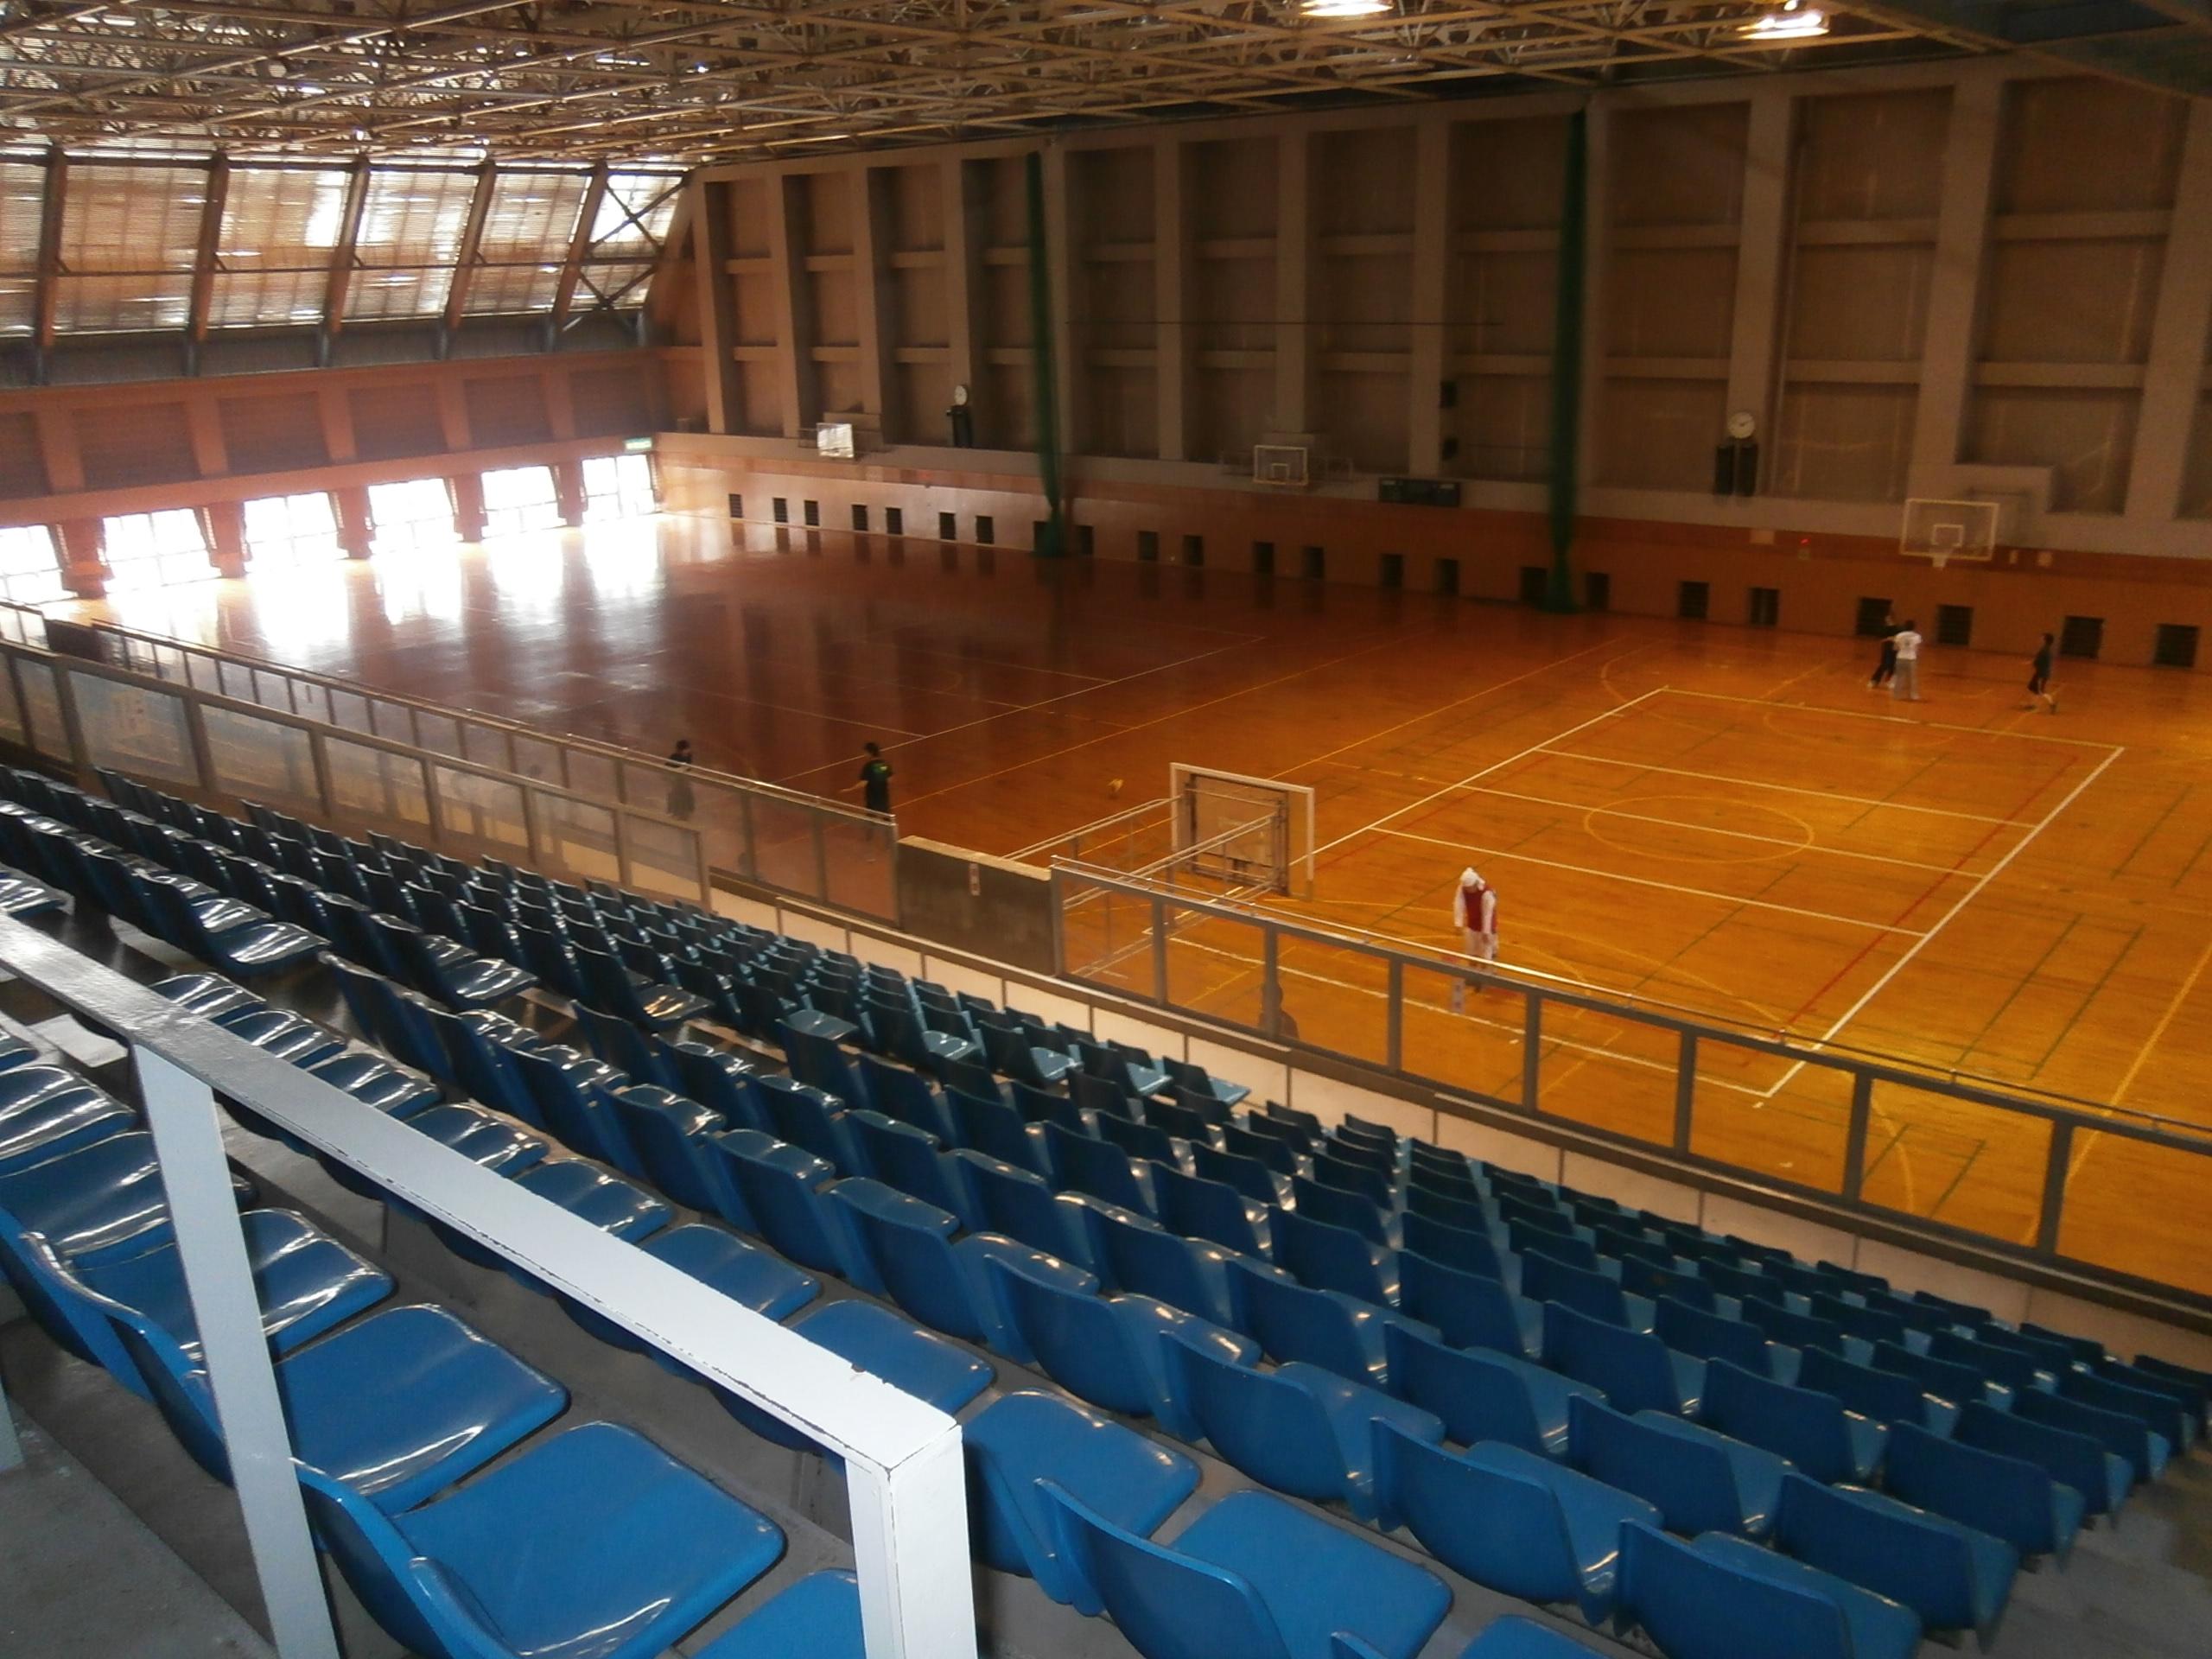 総合スポーツ会館大競技場画像